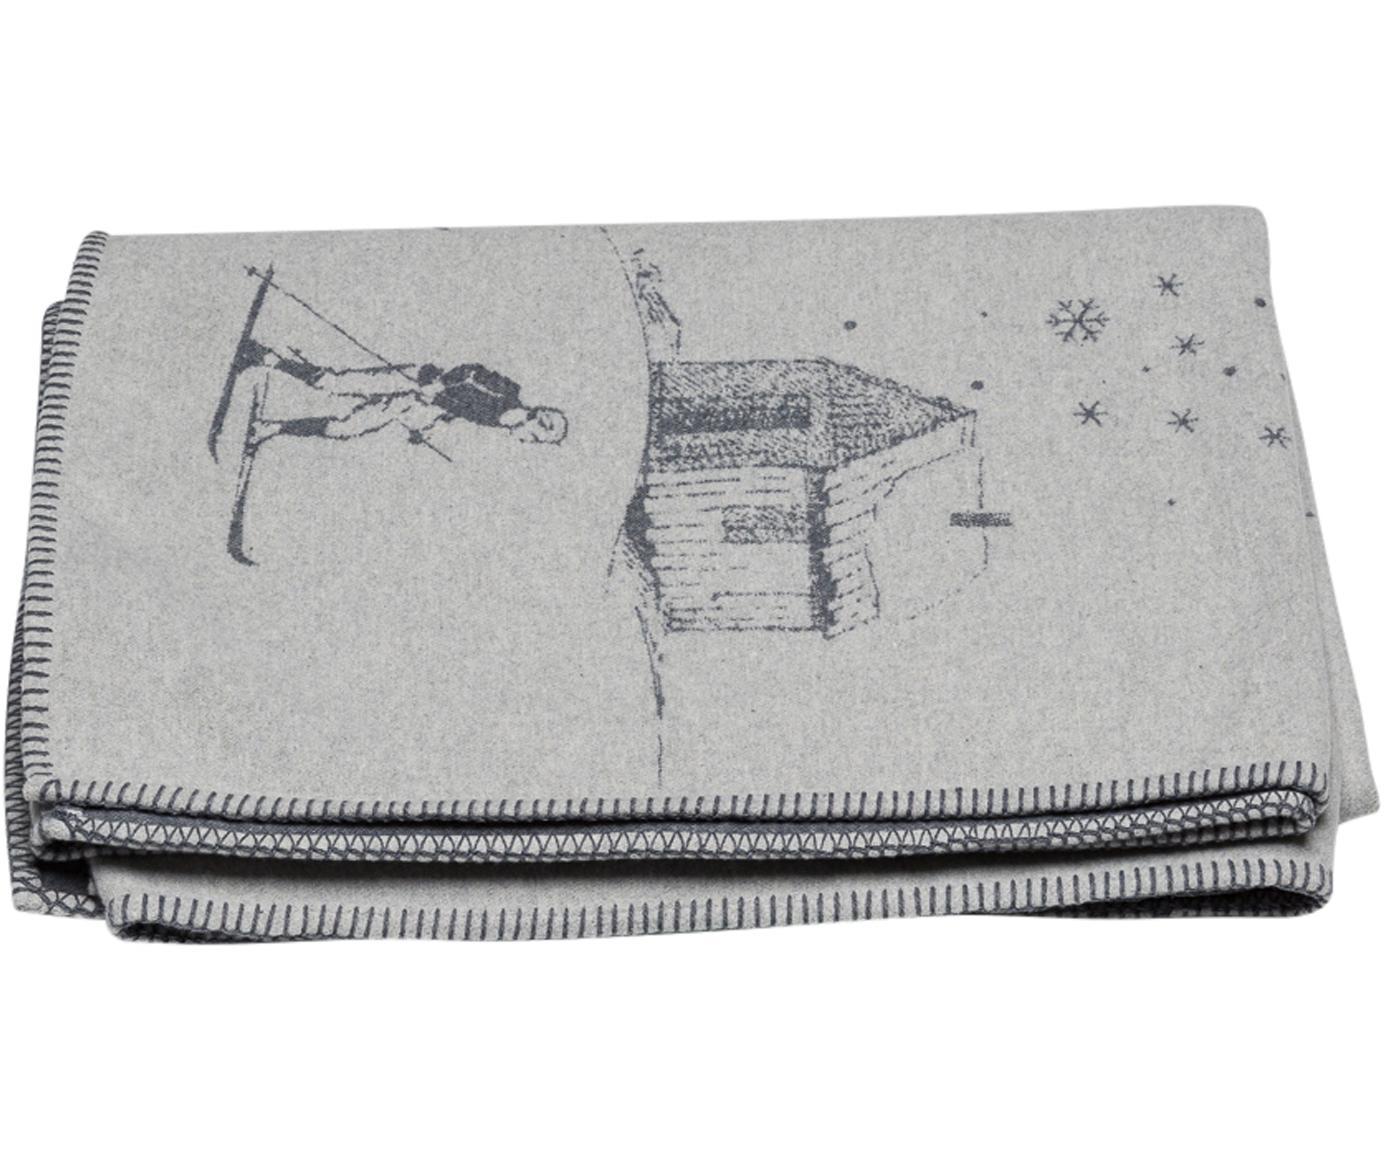 Plaid Sylt mit winterlichen Motiven, Bezug: 85% Baumwolle, 8% Viskose, Grau, Dunkelgrau, 150 x 200 cm